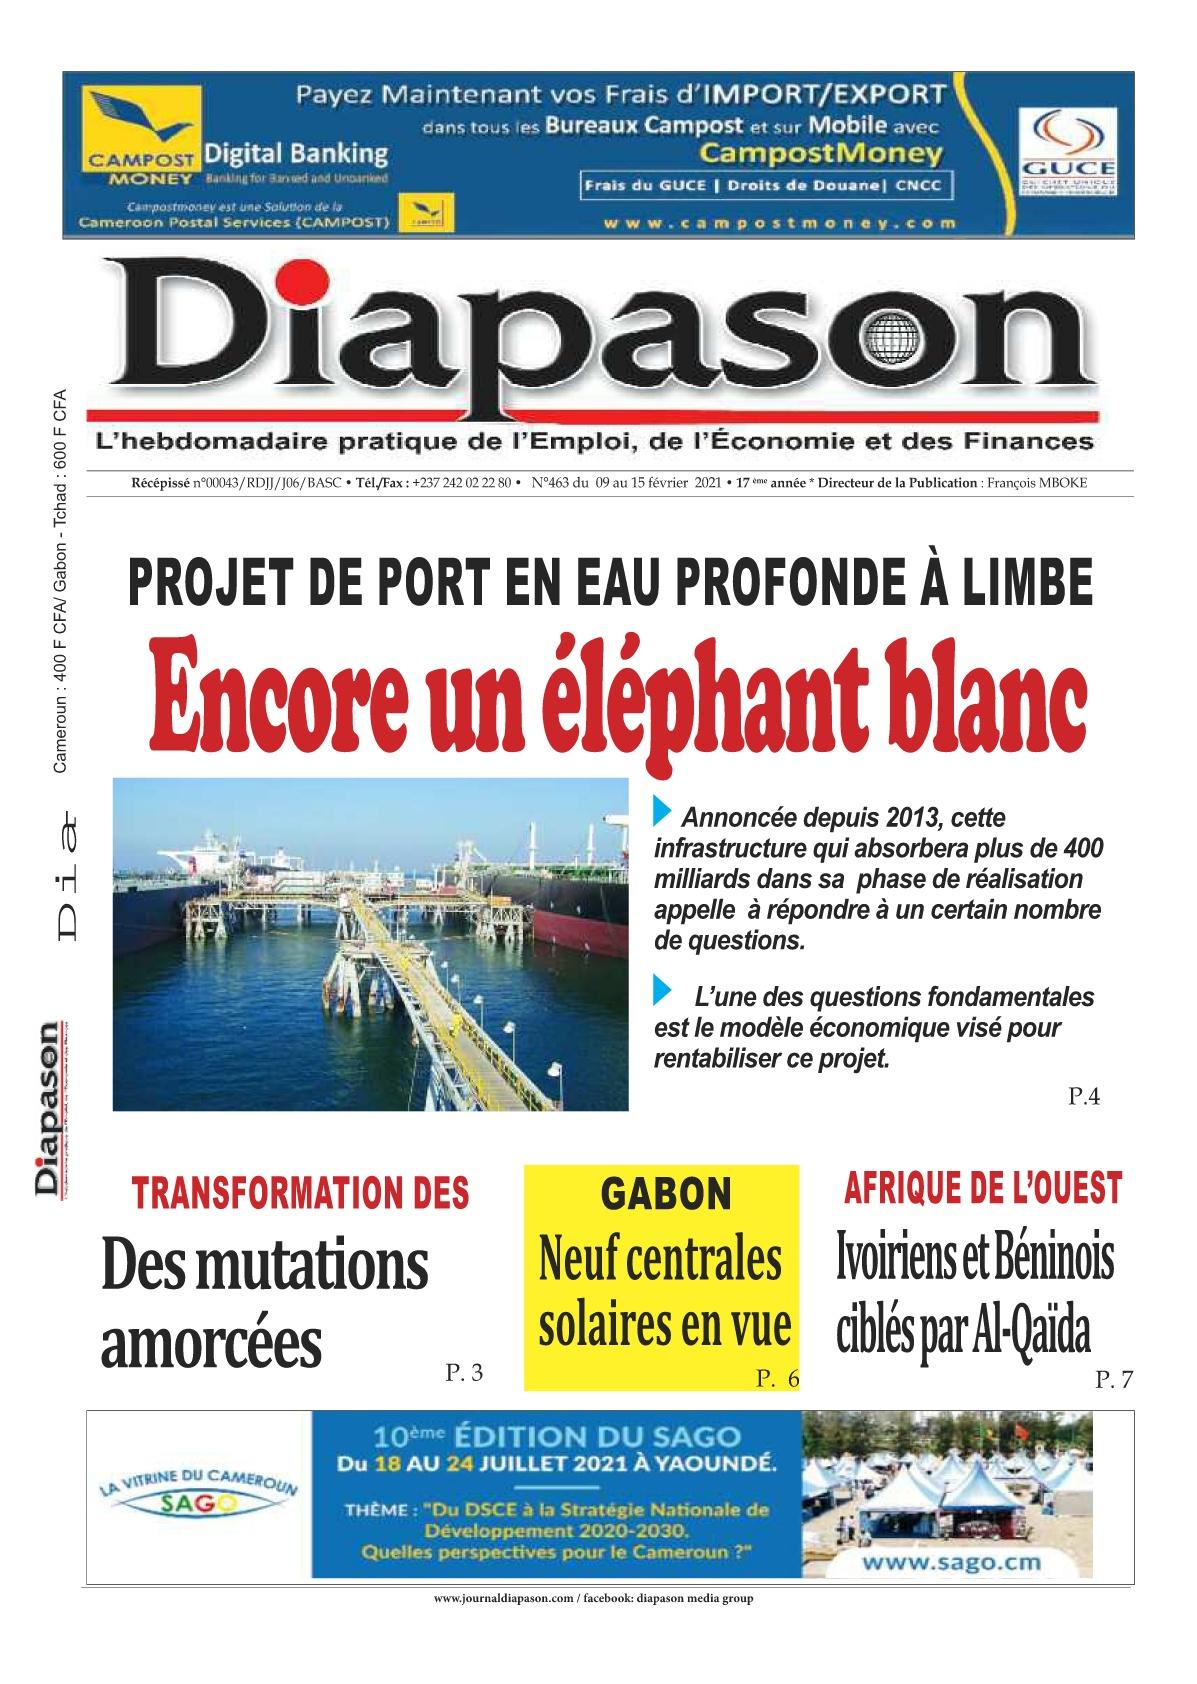 Diapason - 10/02/2021